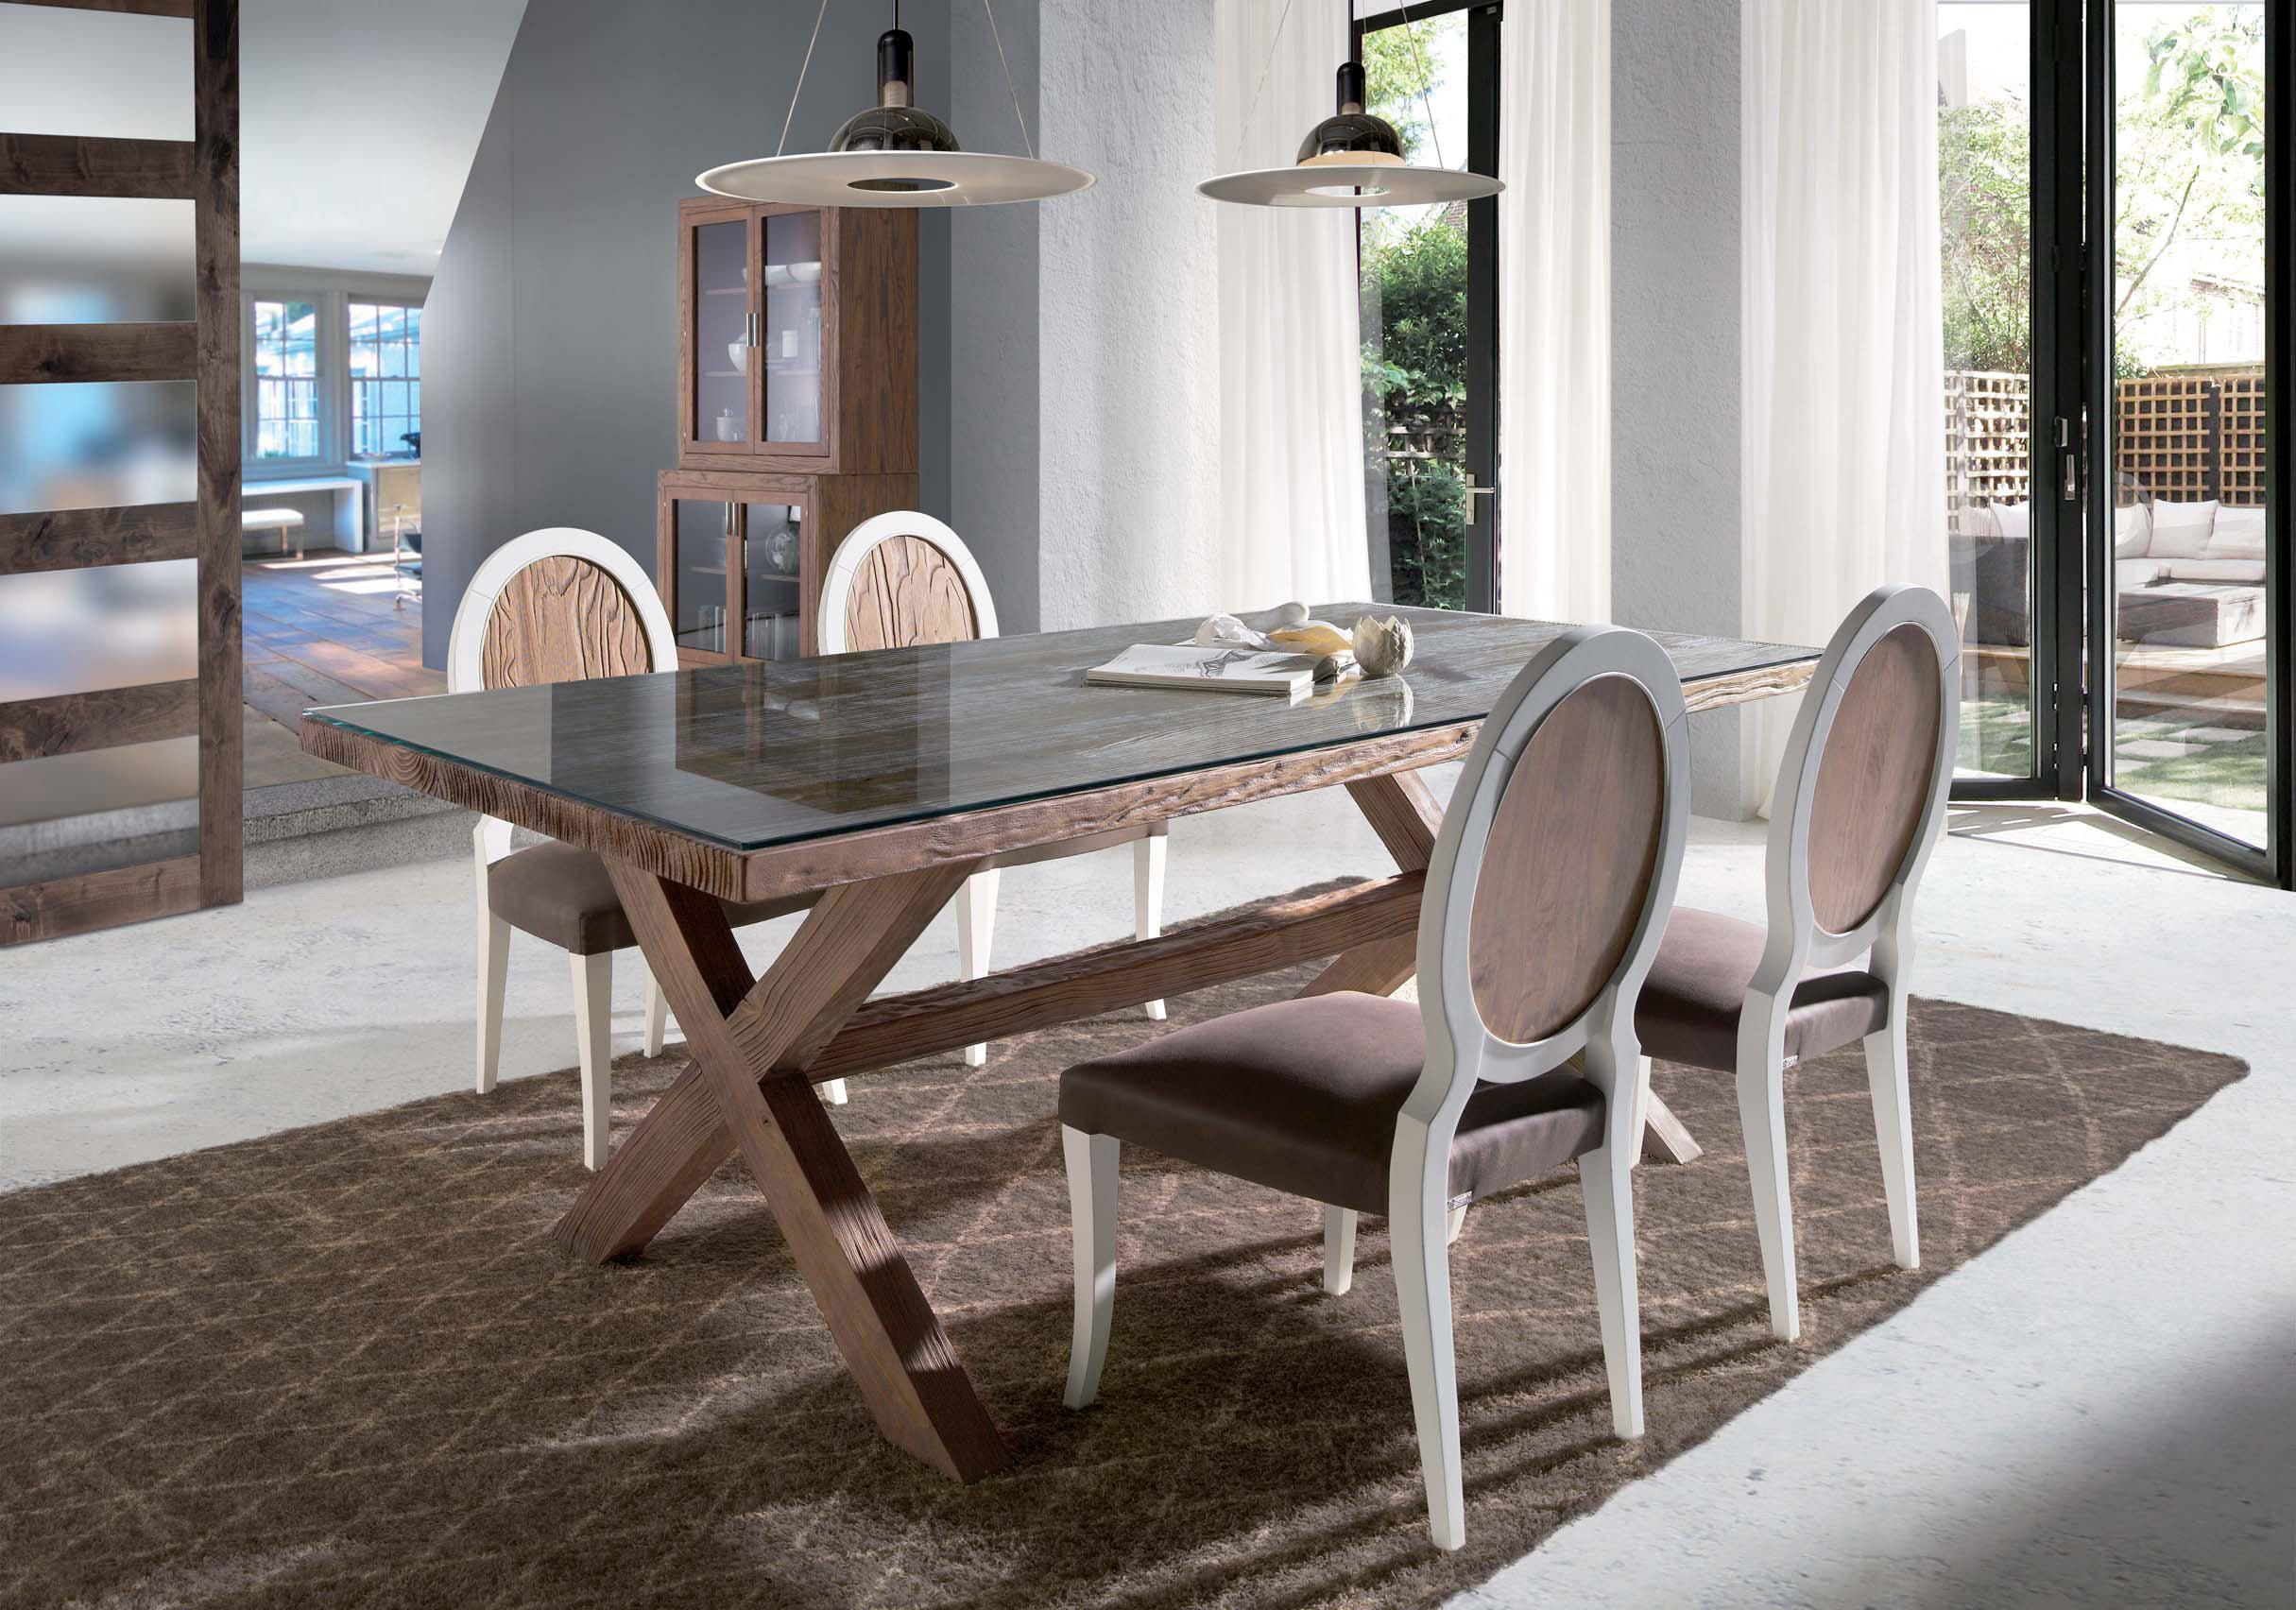 Mesas comedor con aire r stico villalba interiorismo for Mesas y sillas de comedor economicas